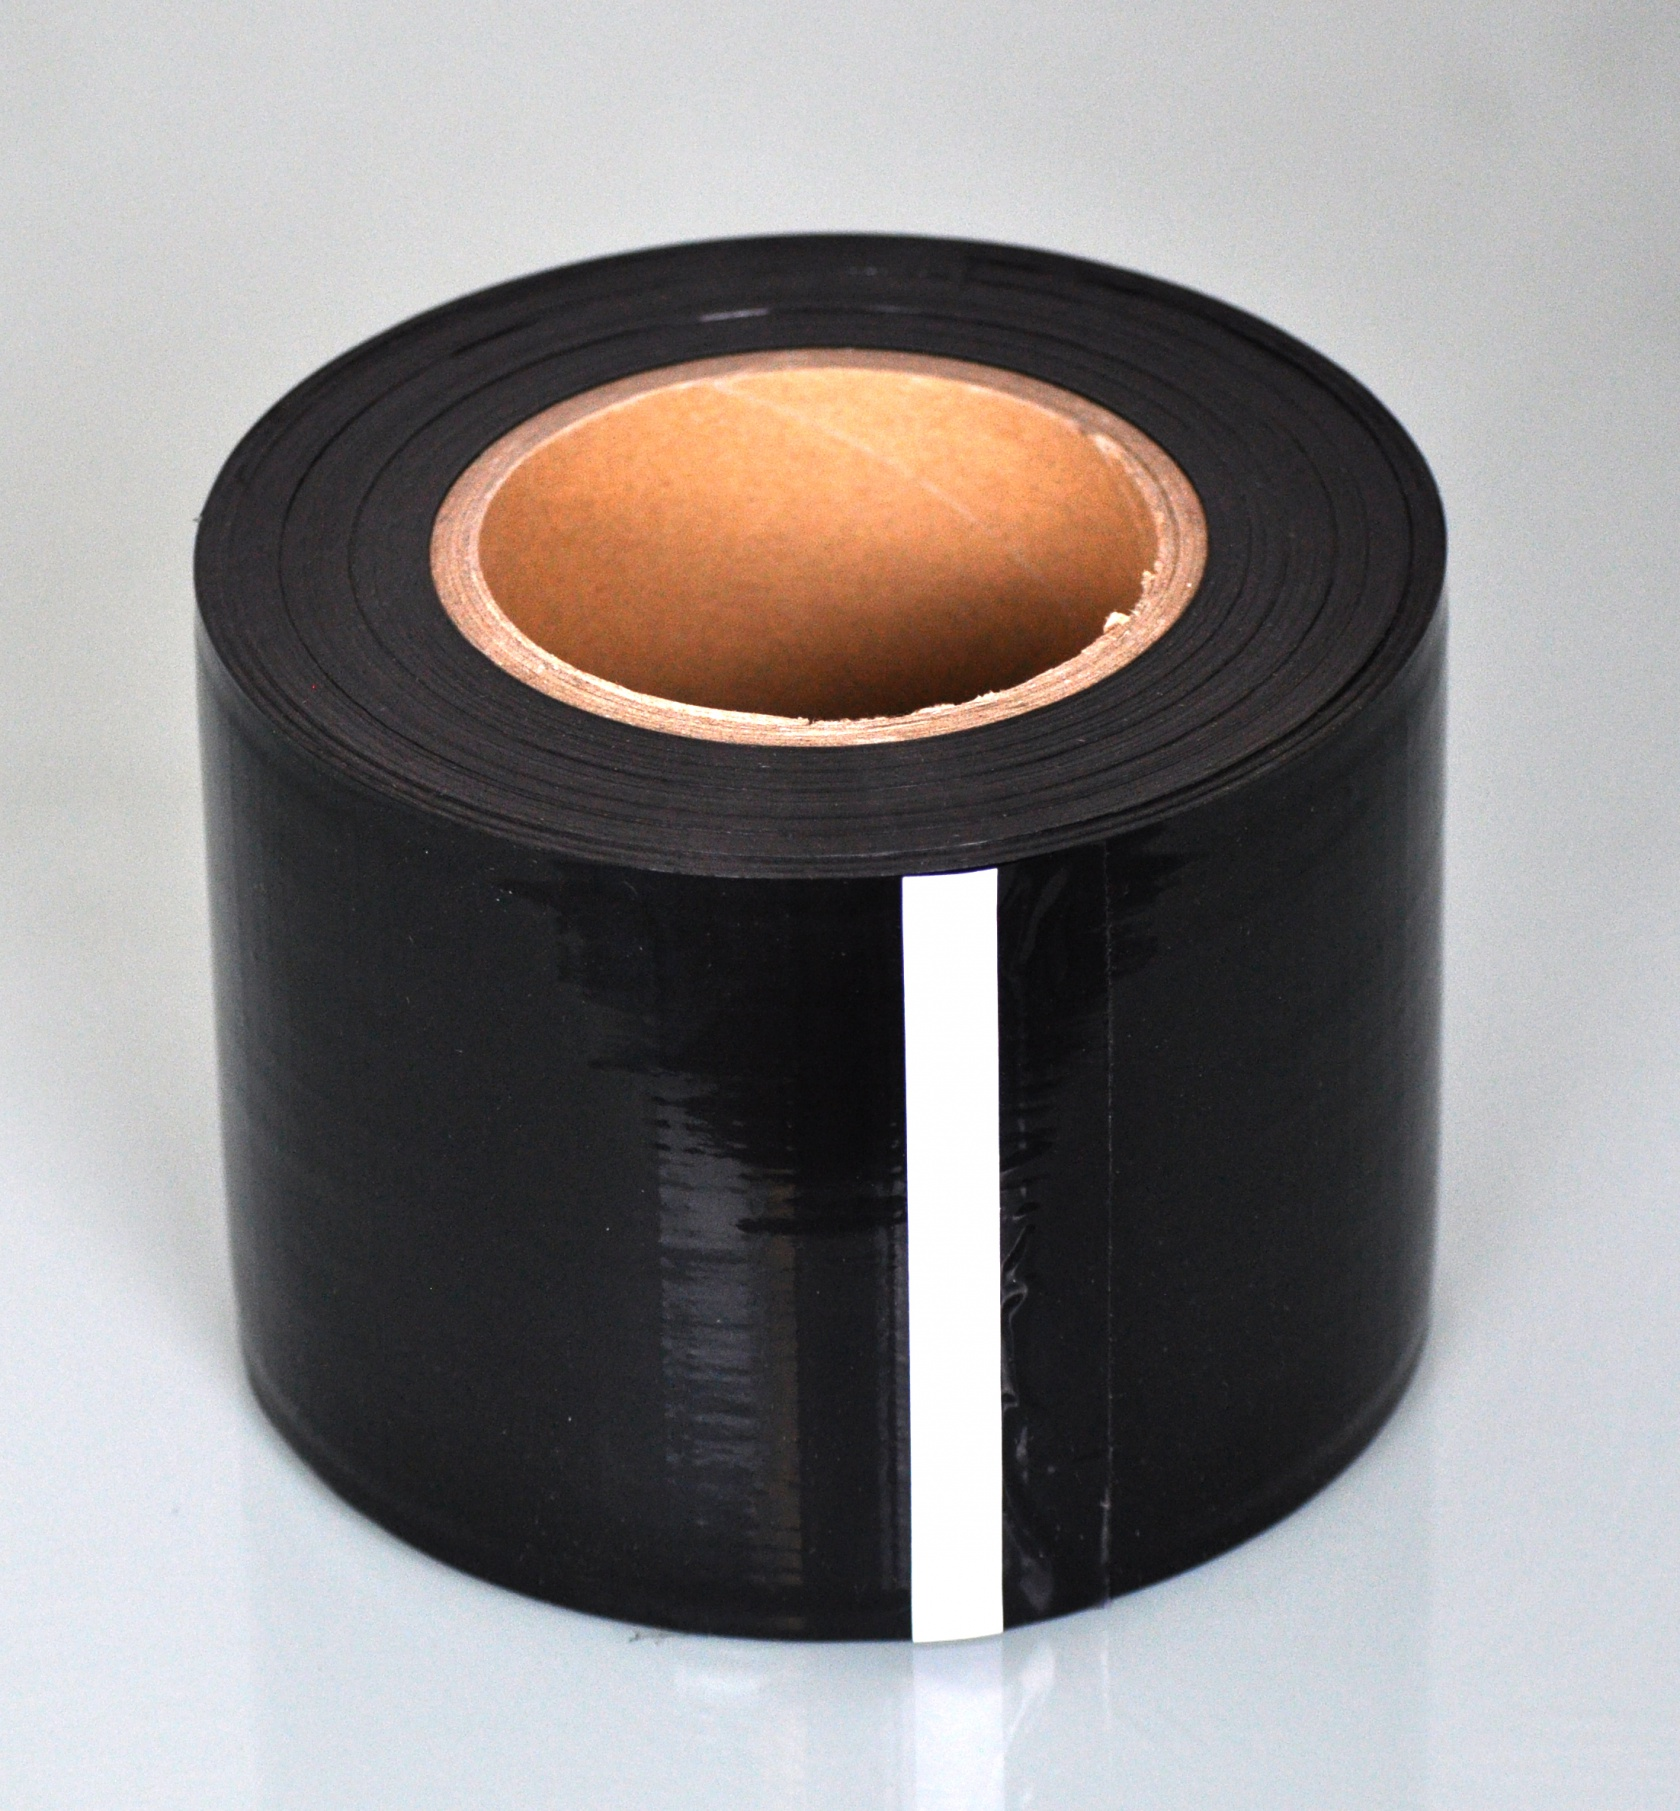 Barrier Film Black - 120mm x 153mm - 1200 Sheets